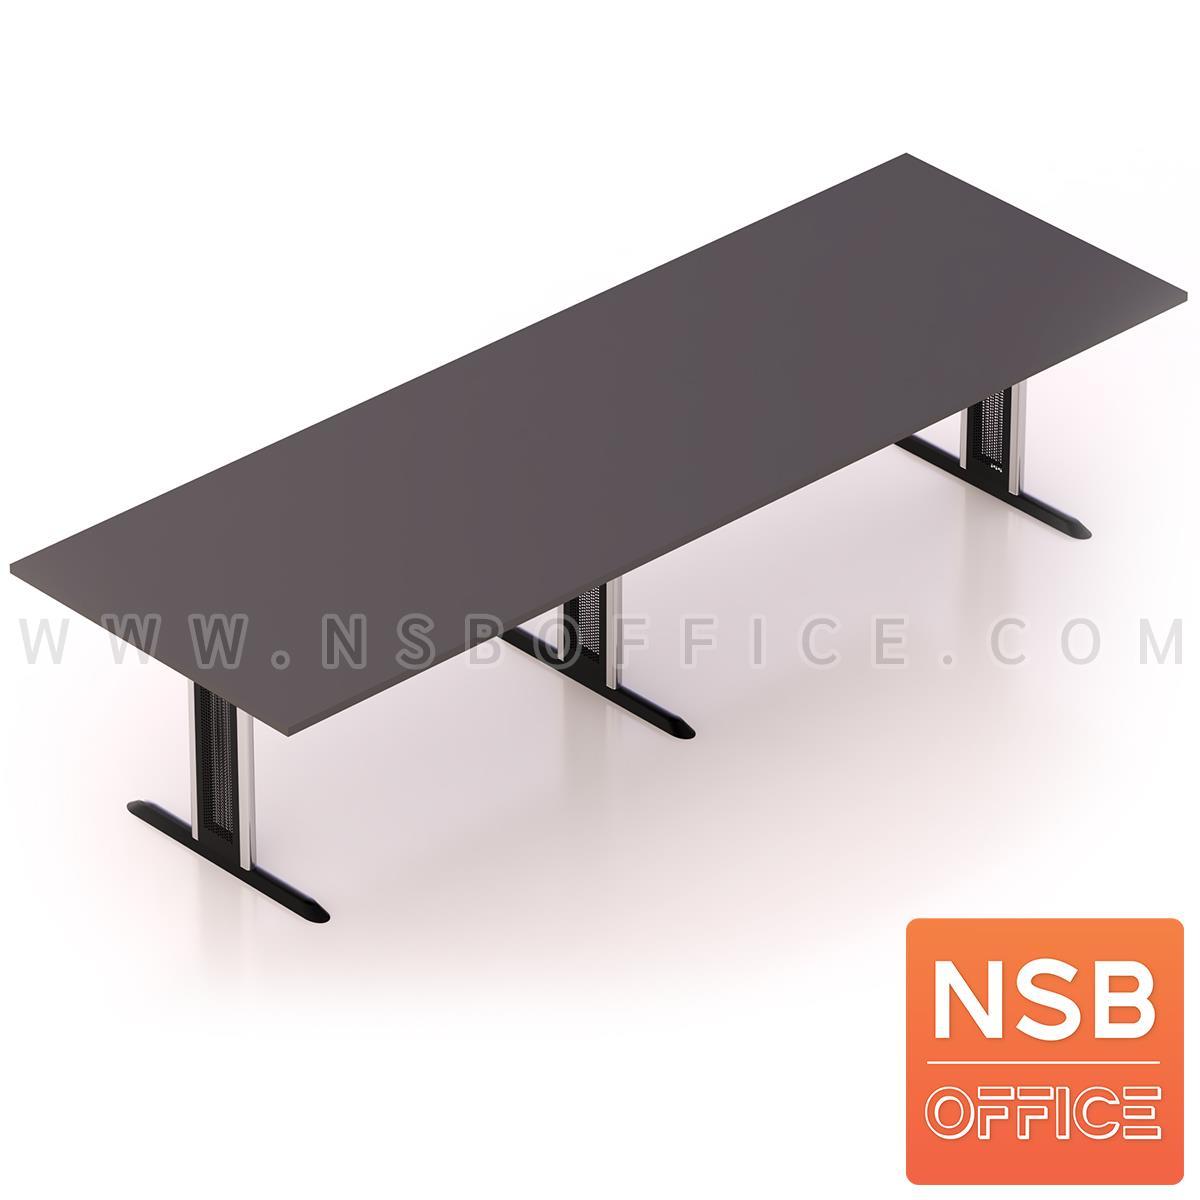 A05A129:โต๊ะประชุมทรงสี่เหลี่ยม  ขนาด 300W-480W cm. พร้อมระบบคานเหล็ก ขาเหล็กตัวไอ